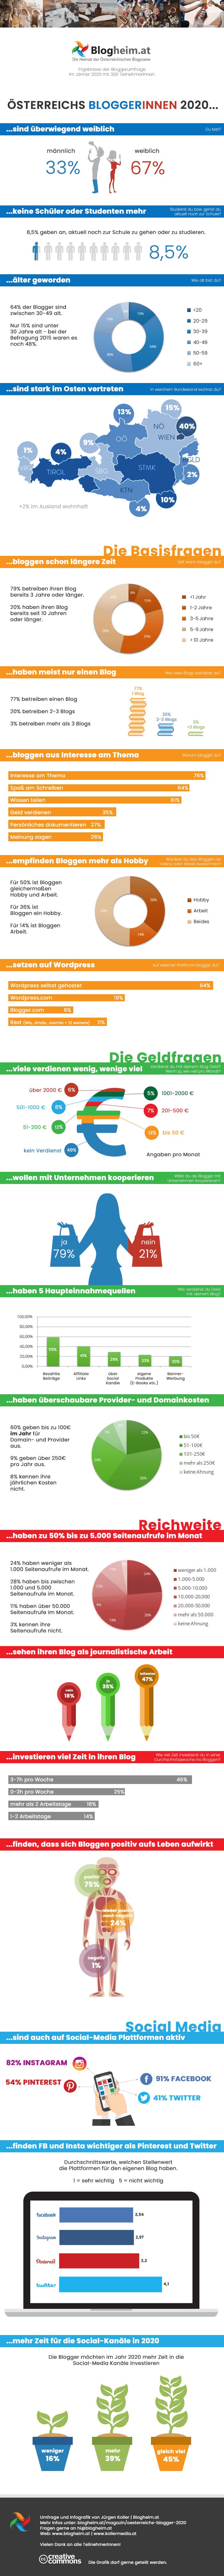 Österreichs Blogger 2020 Infografik